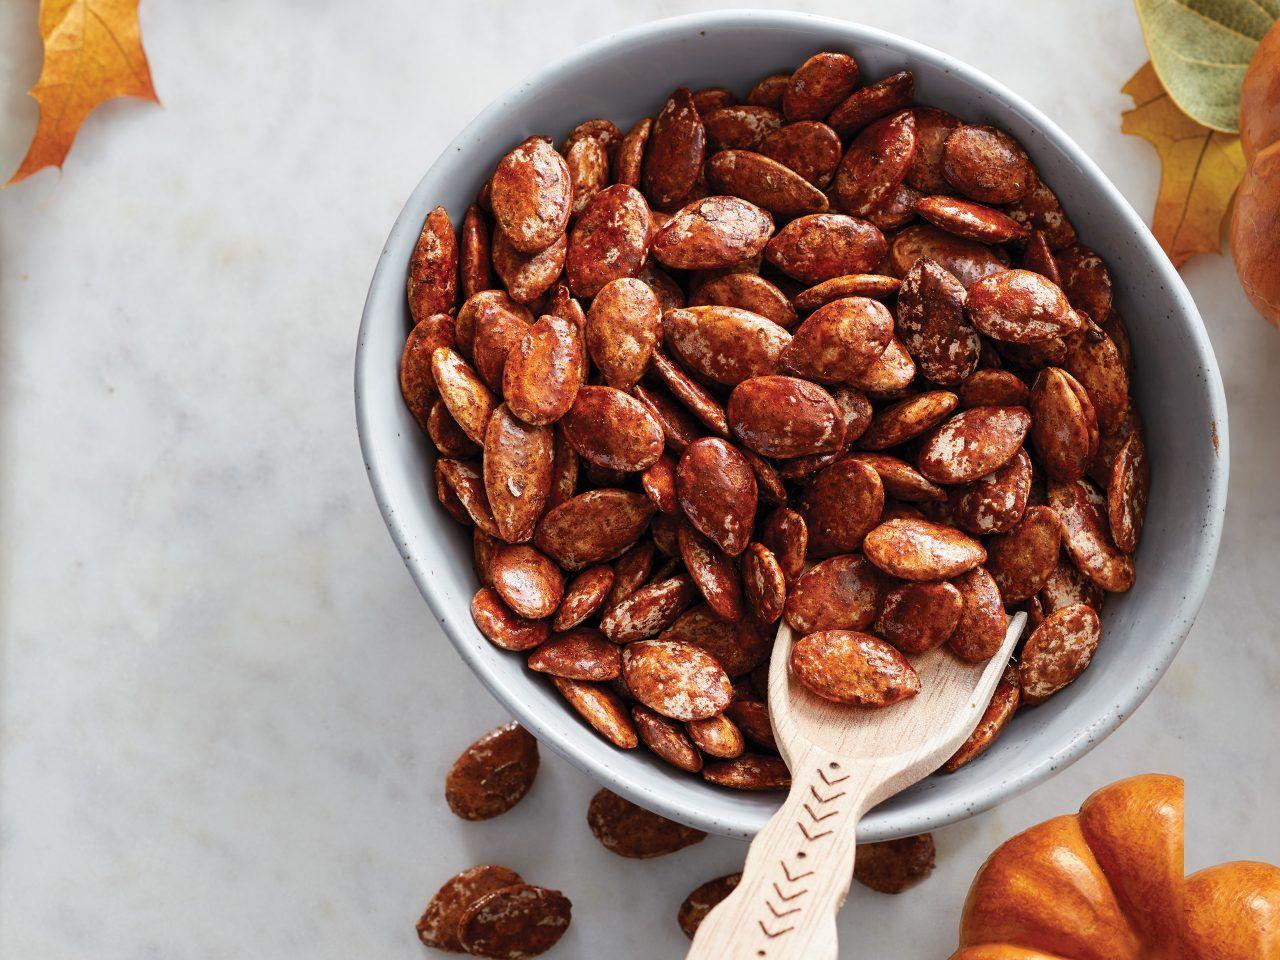 Cinnamon-Maple Roasted Pumpkin Seeds